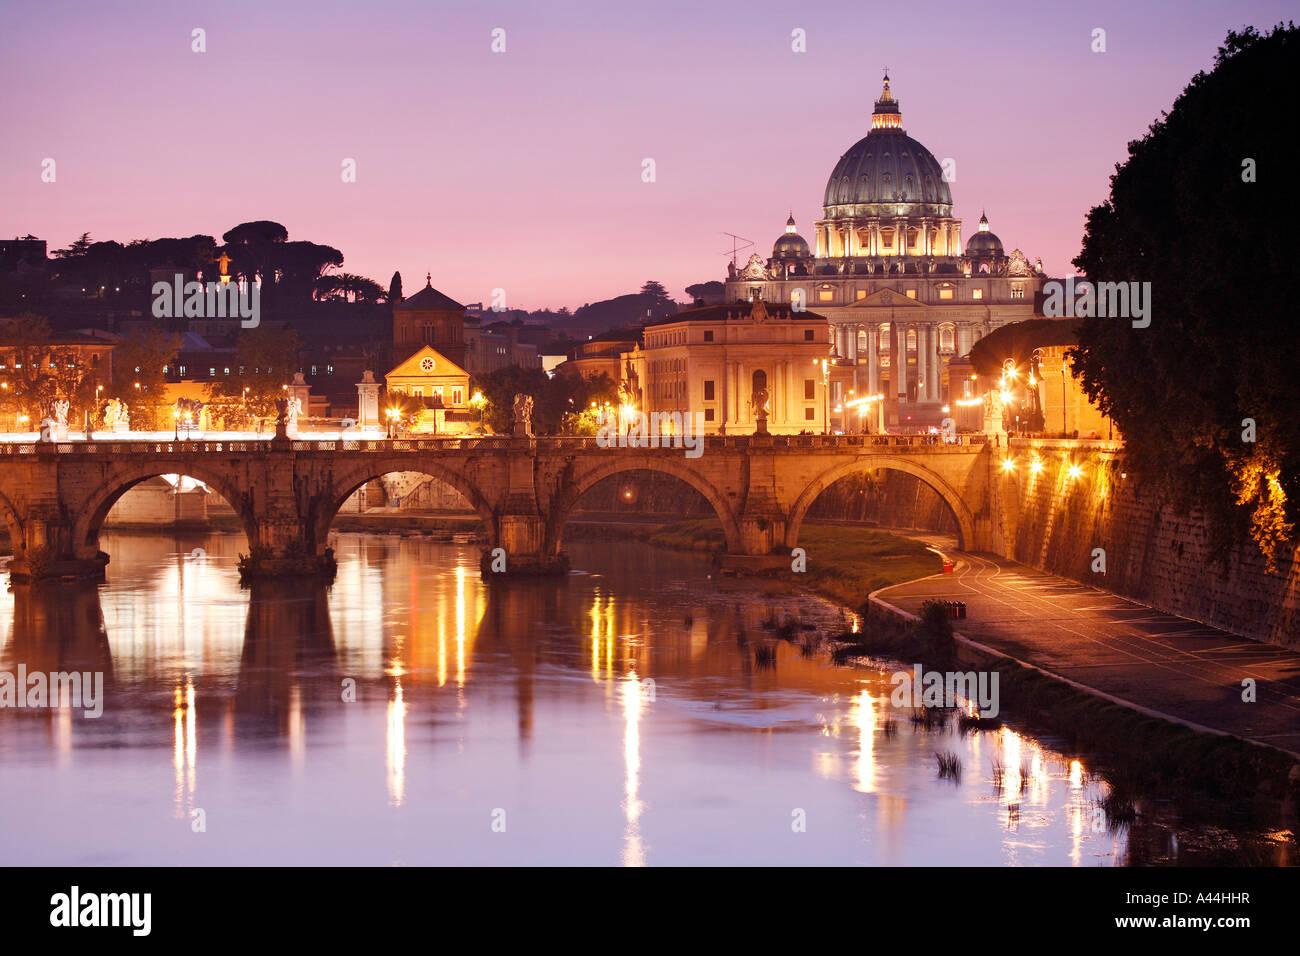 Italy, ROME ST PETERS DOME, citta del VATICANO - Stock Image